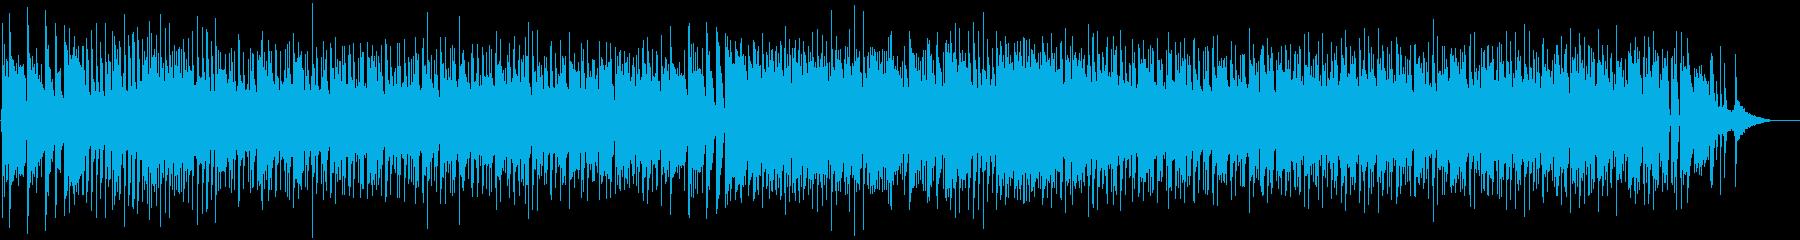 ノリ良いロックンロールセッションの再生済みの波形